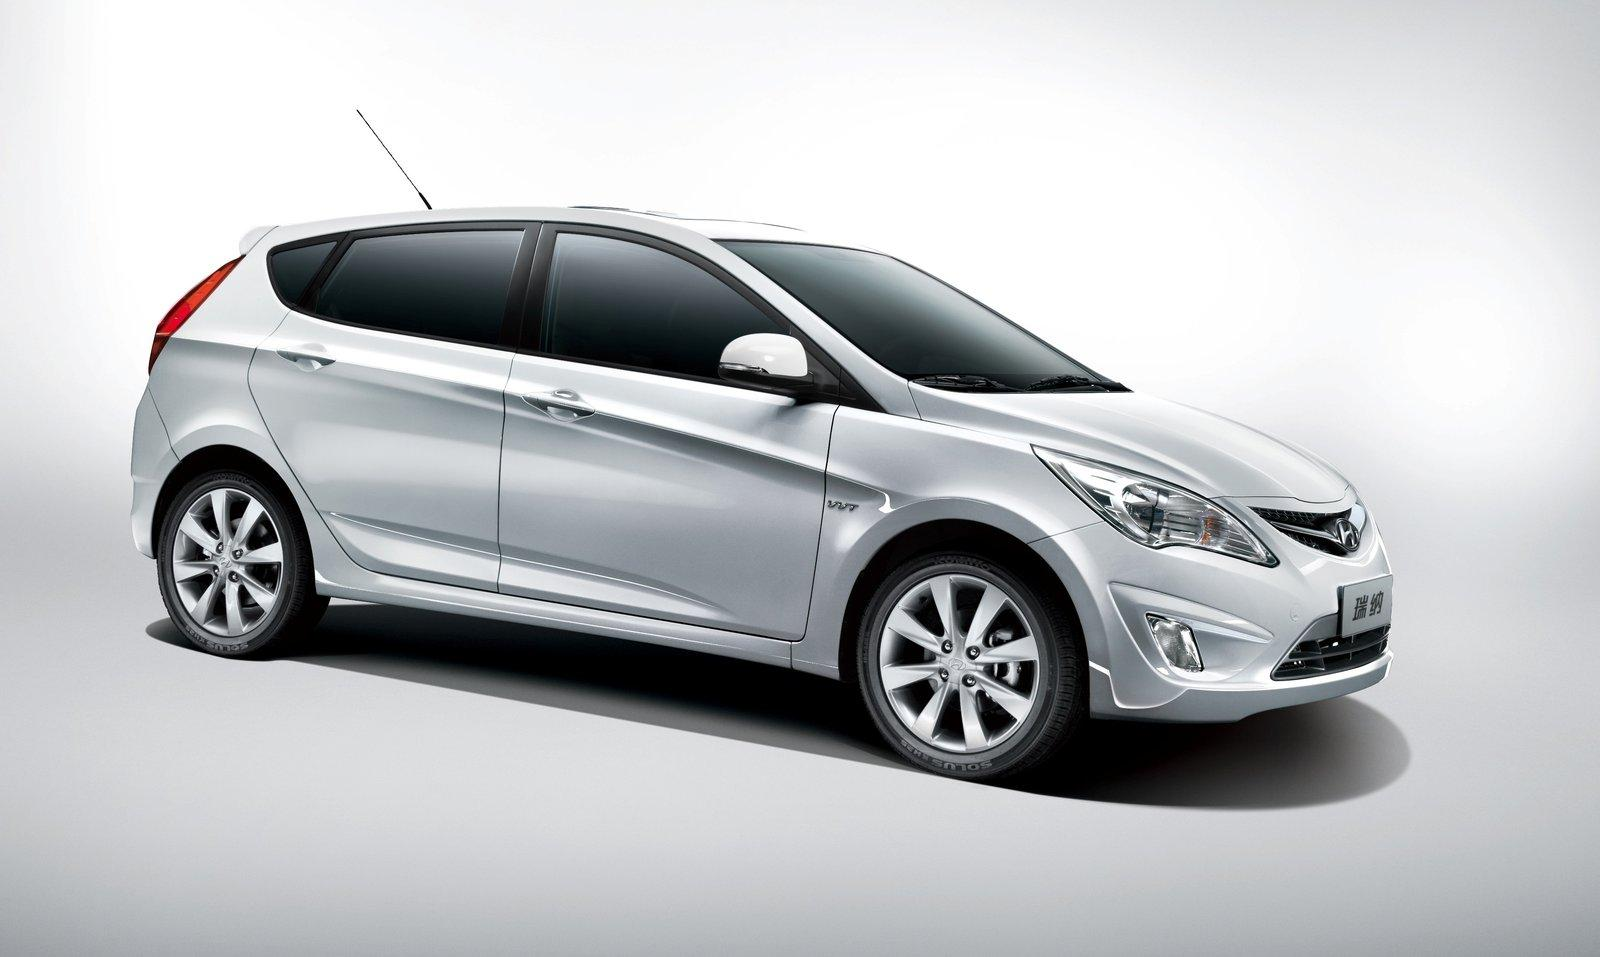 2011 Hyundai Verna Five 5 Door Hatchback Sale Commences In